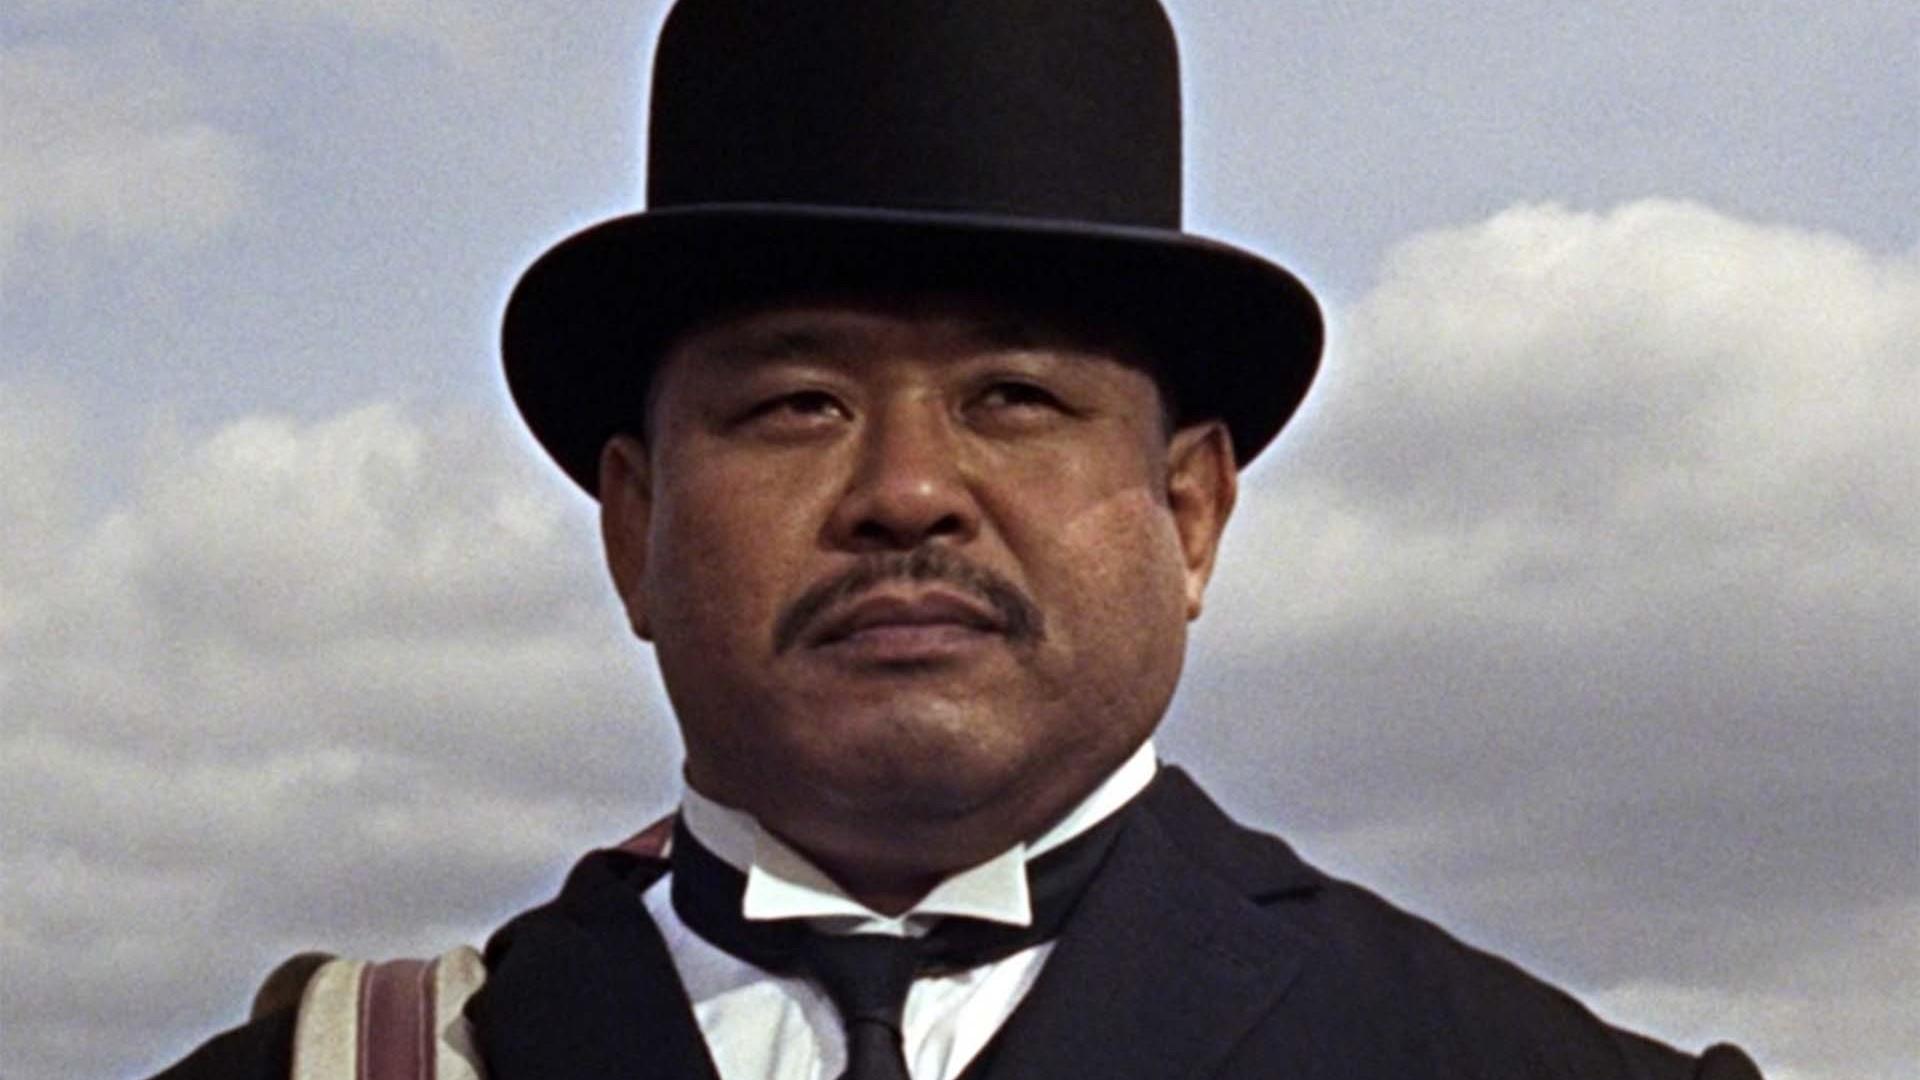 Oddjob's Bowler Hat (Goldfinger)